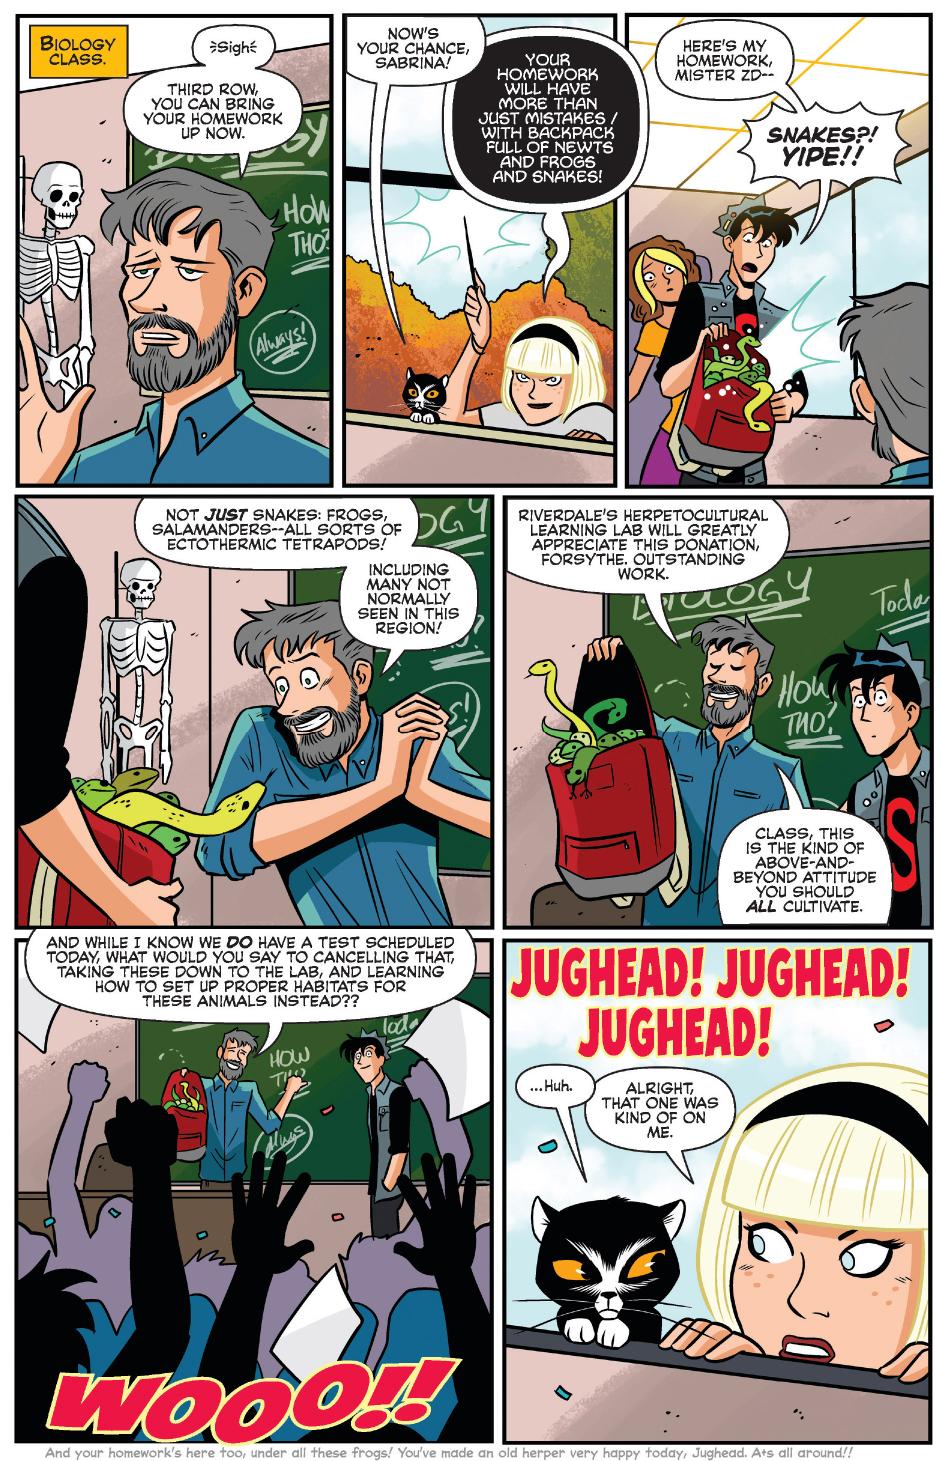 sabrina-tries-to-hex-jughead